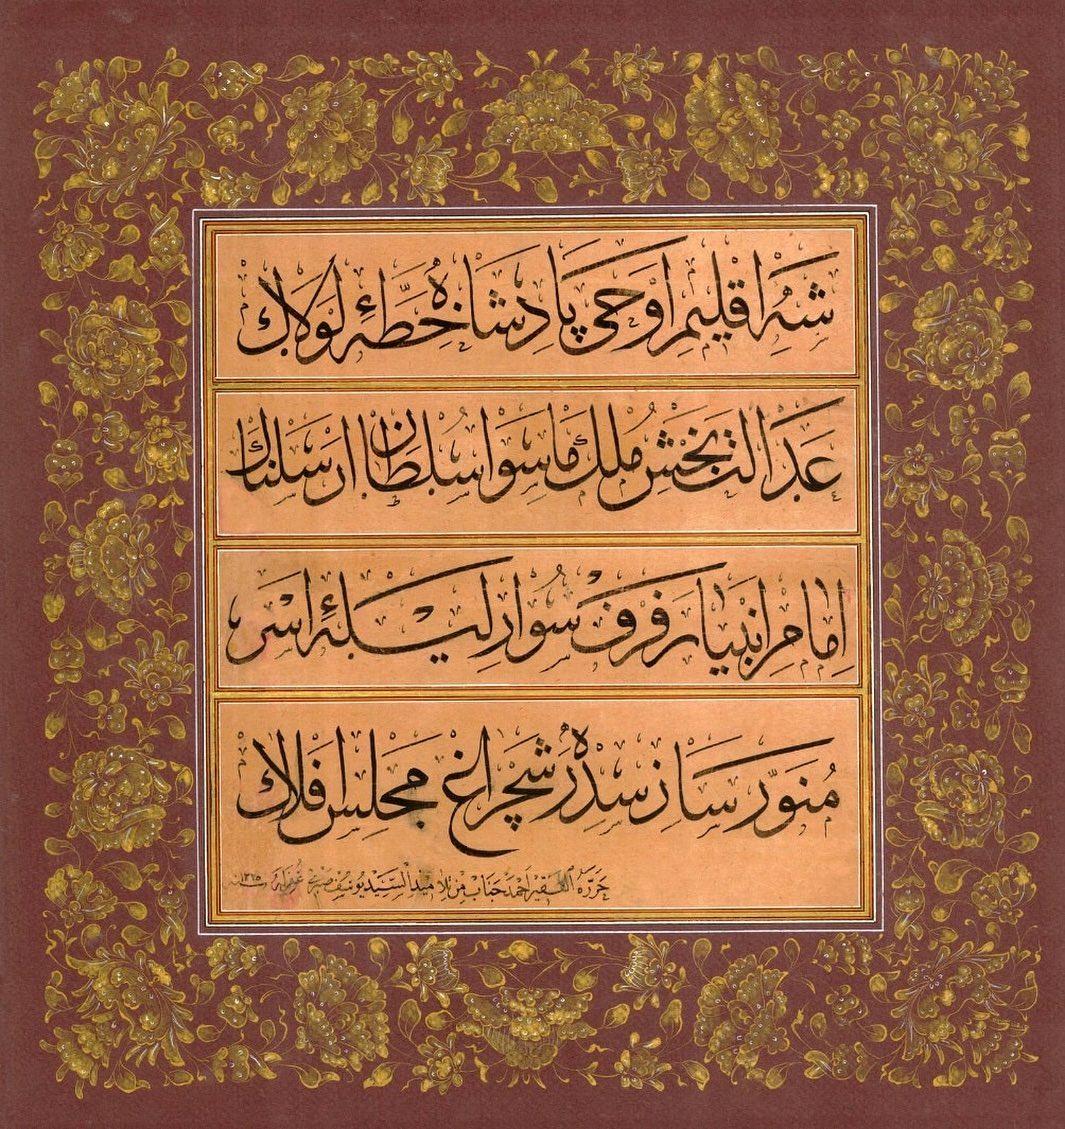 Apk Website For Arabic Calligraphy Ebubekir Mete koleksiyonundan, Ahmed Cenâb Efendi (v. ?) hattı ve Orhan Dağlı … 625